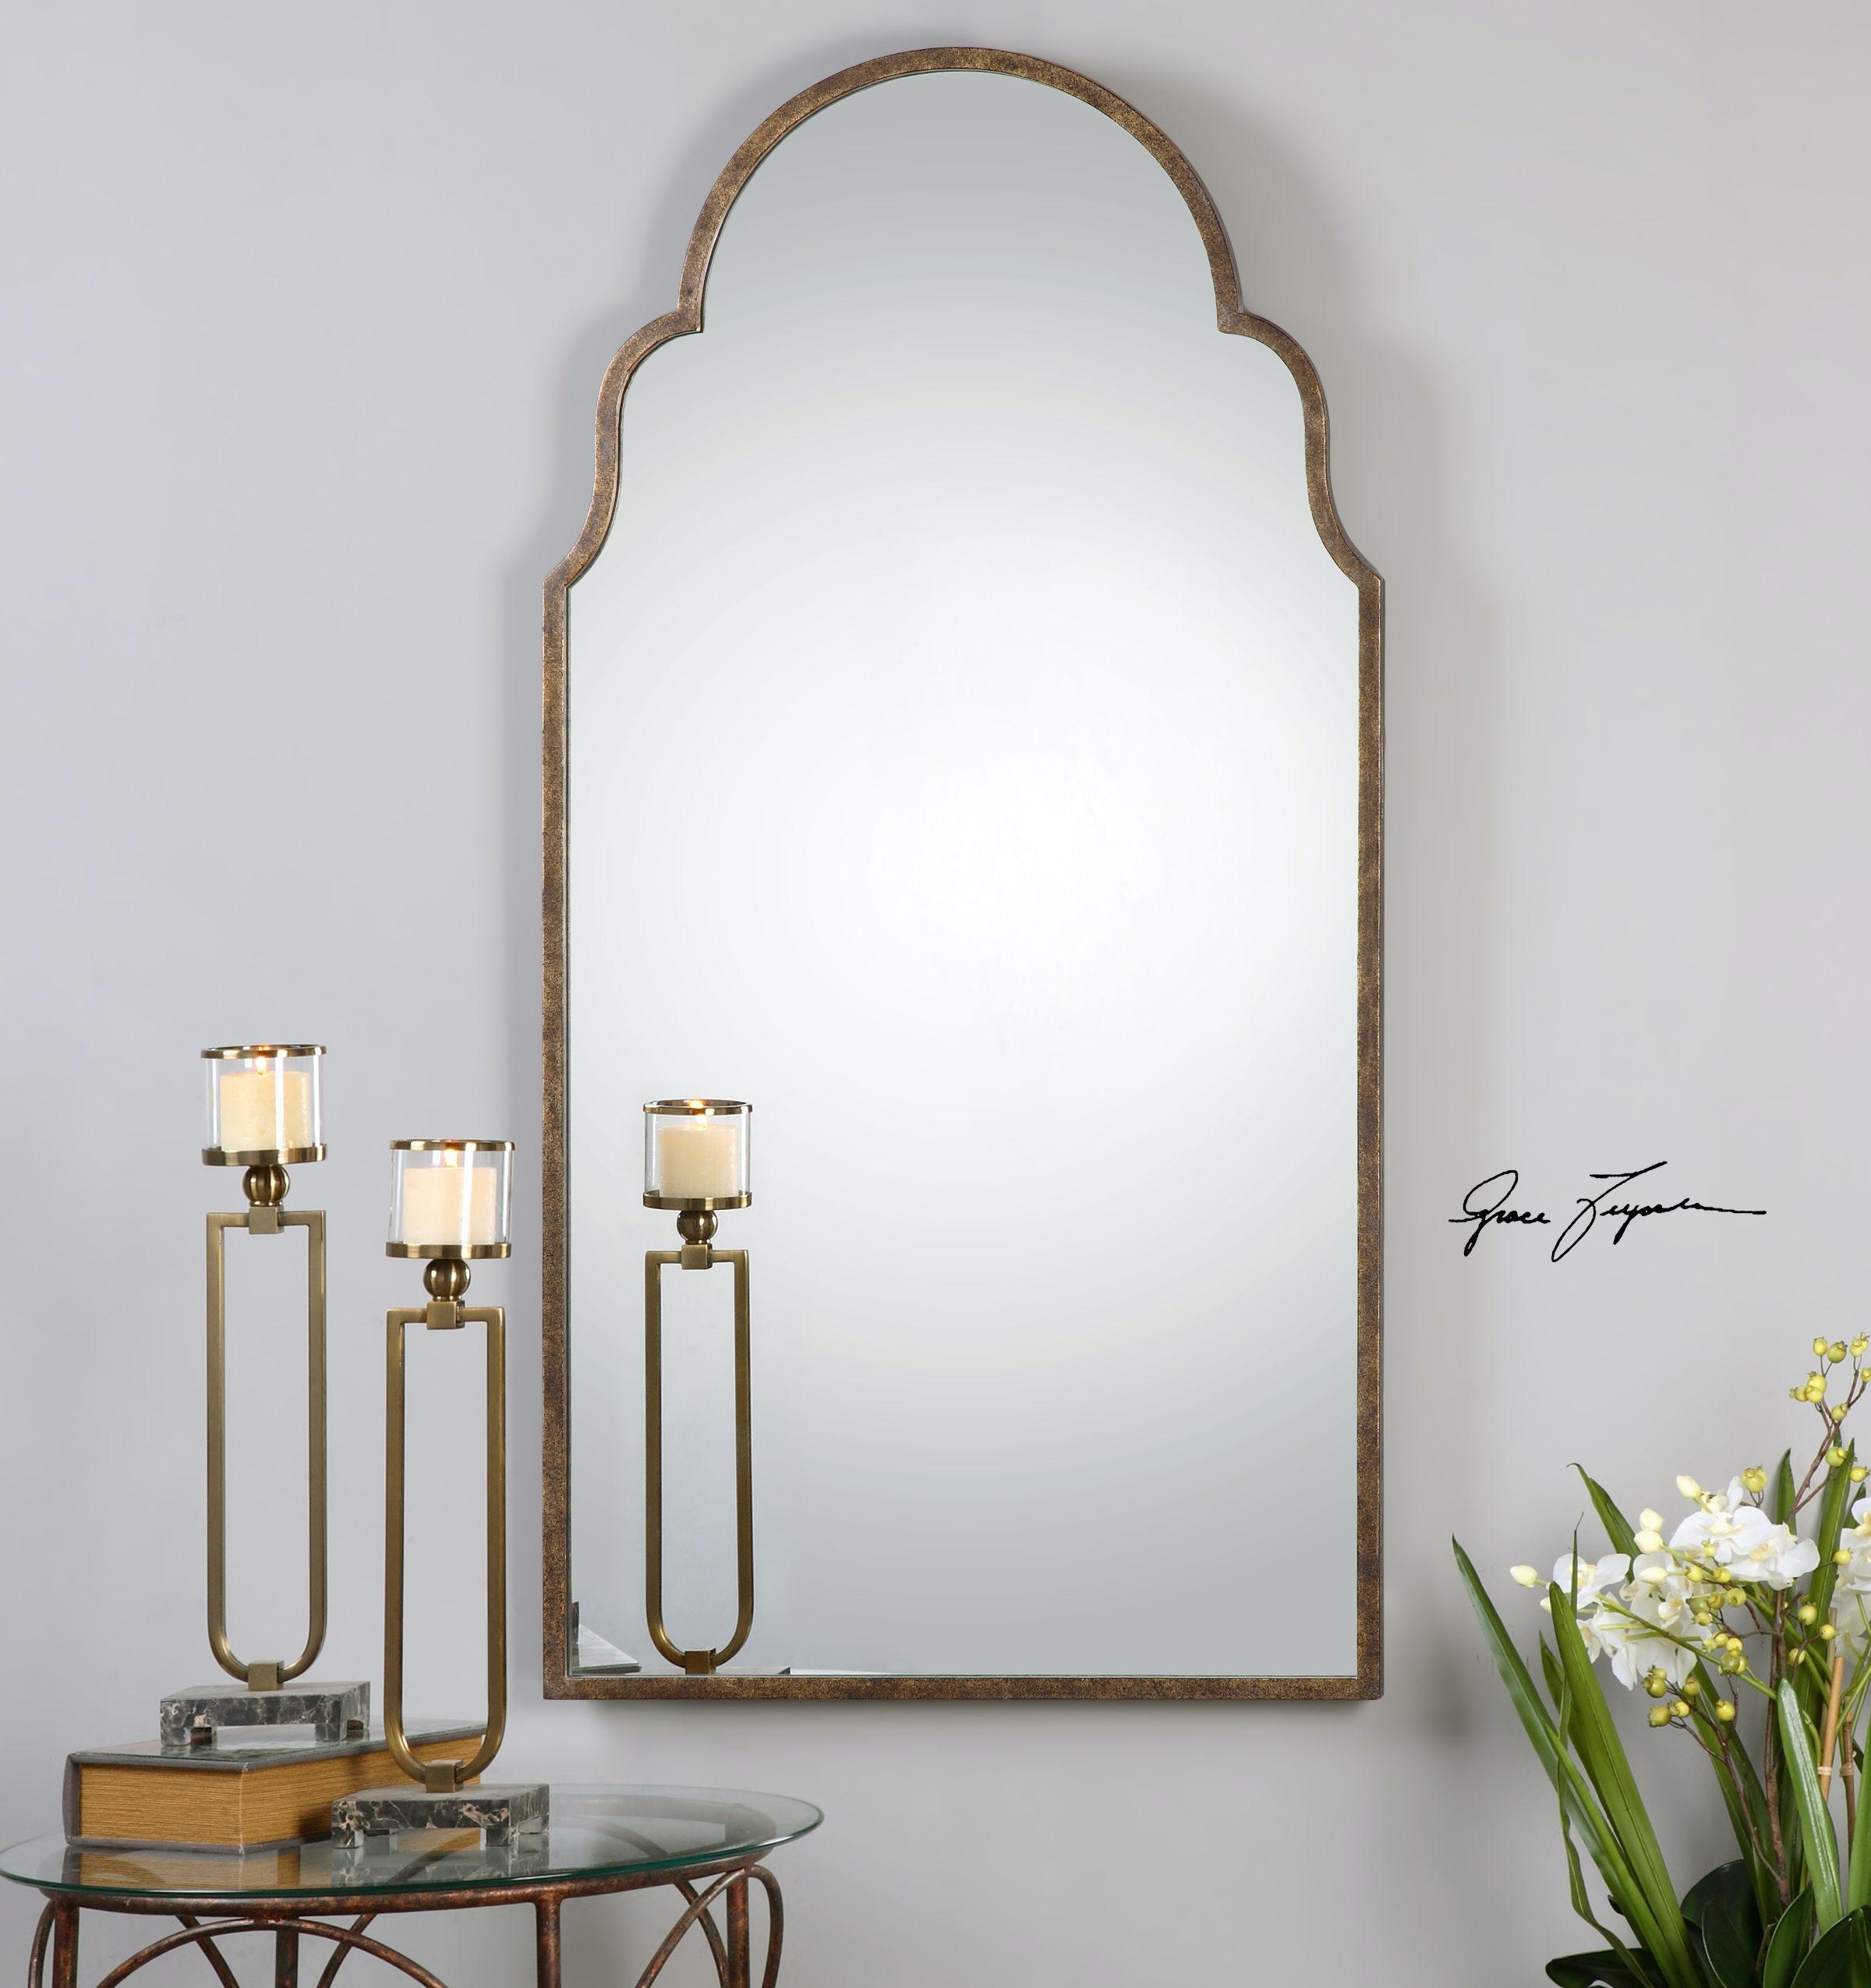 Uttermost Bedroom Brayden Tall Arch Mirror 12905 Upper